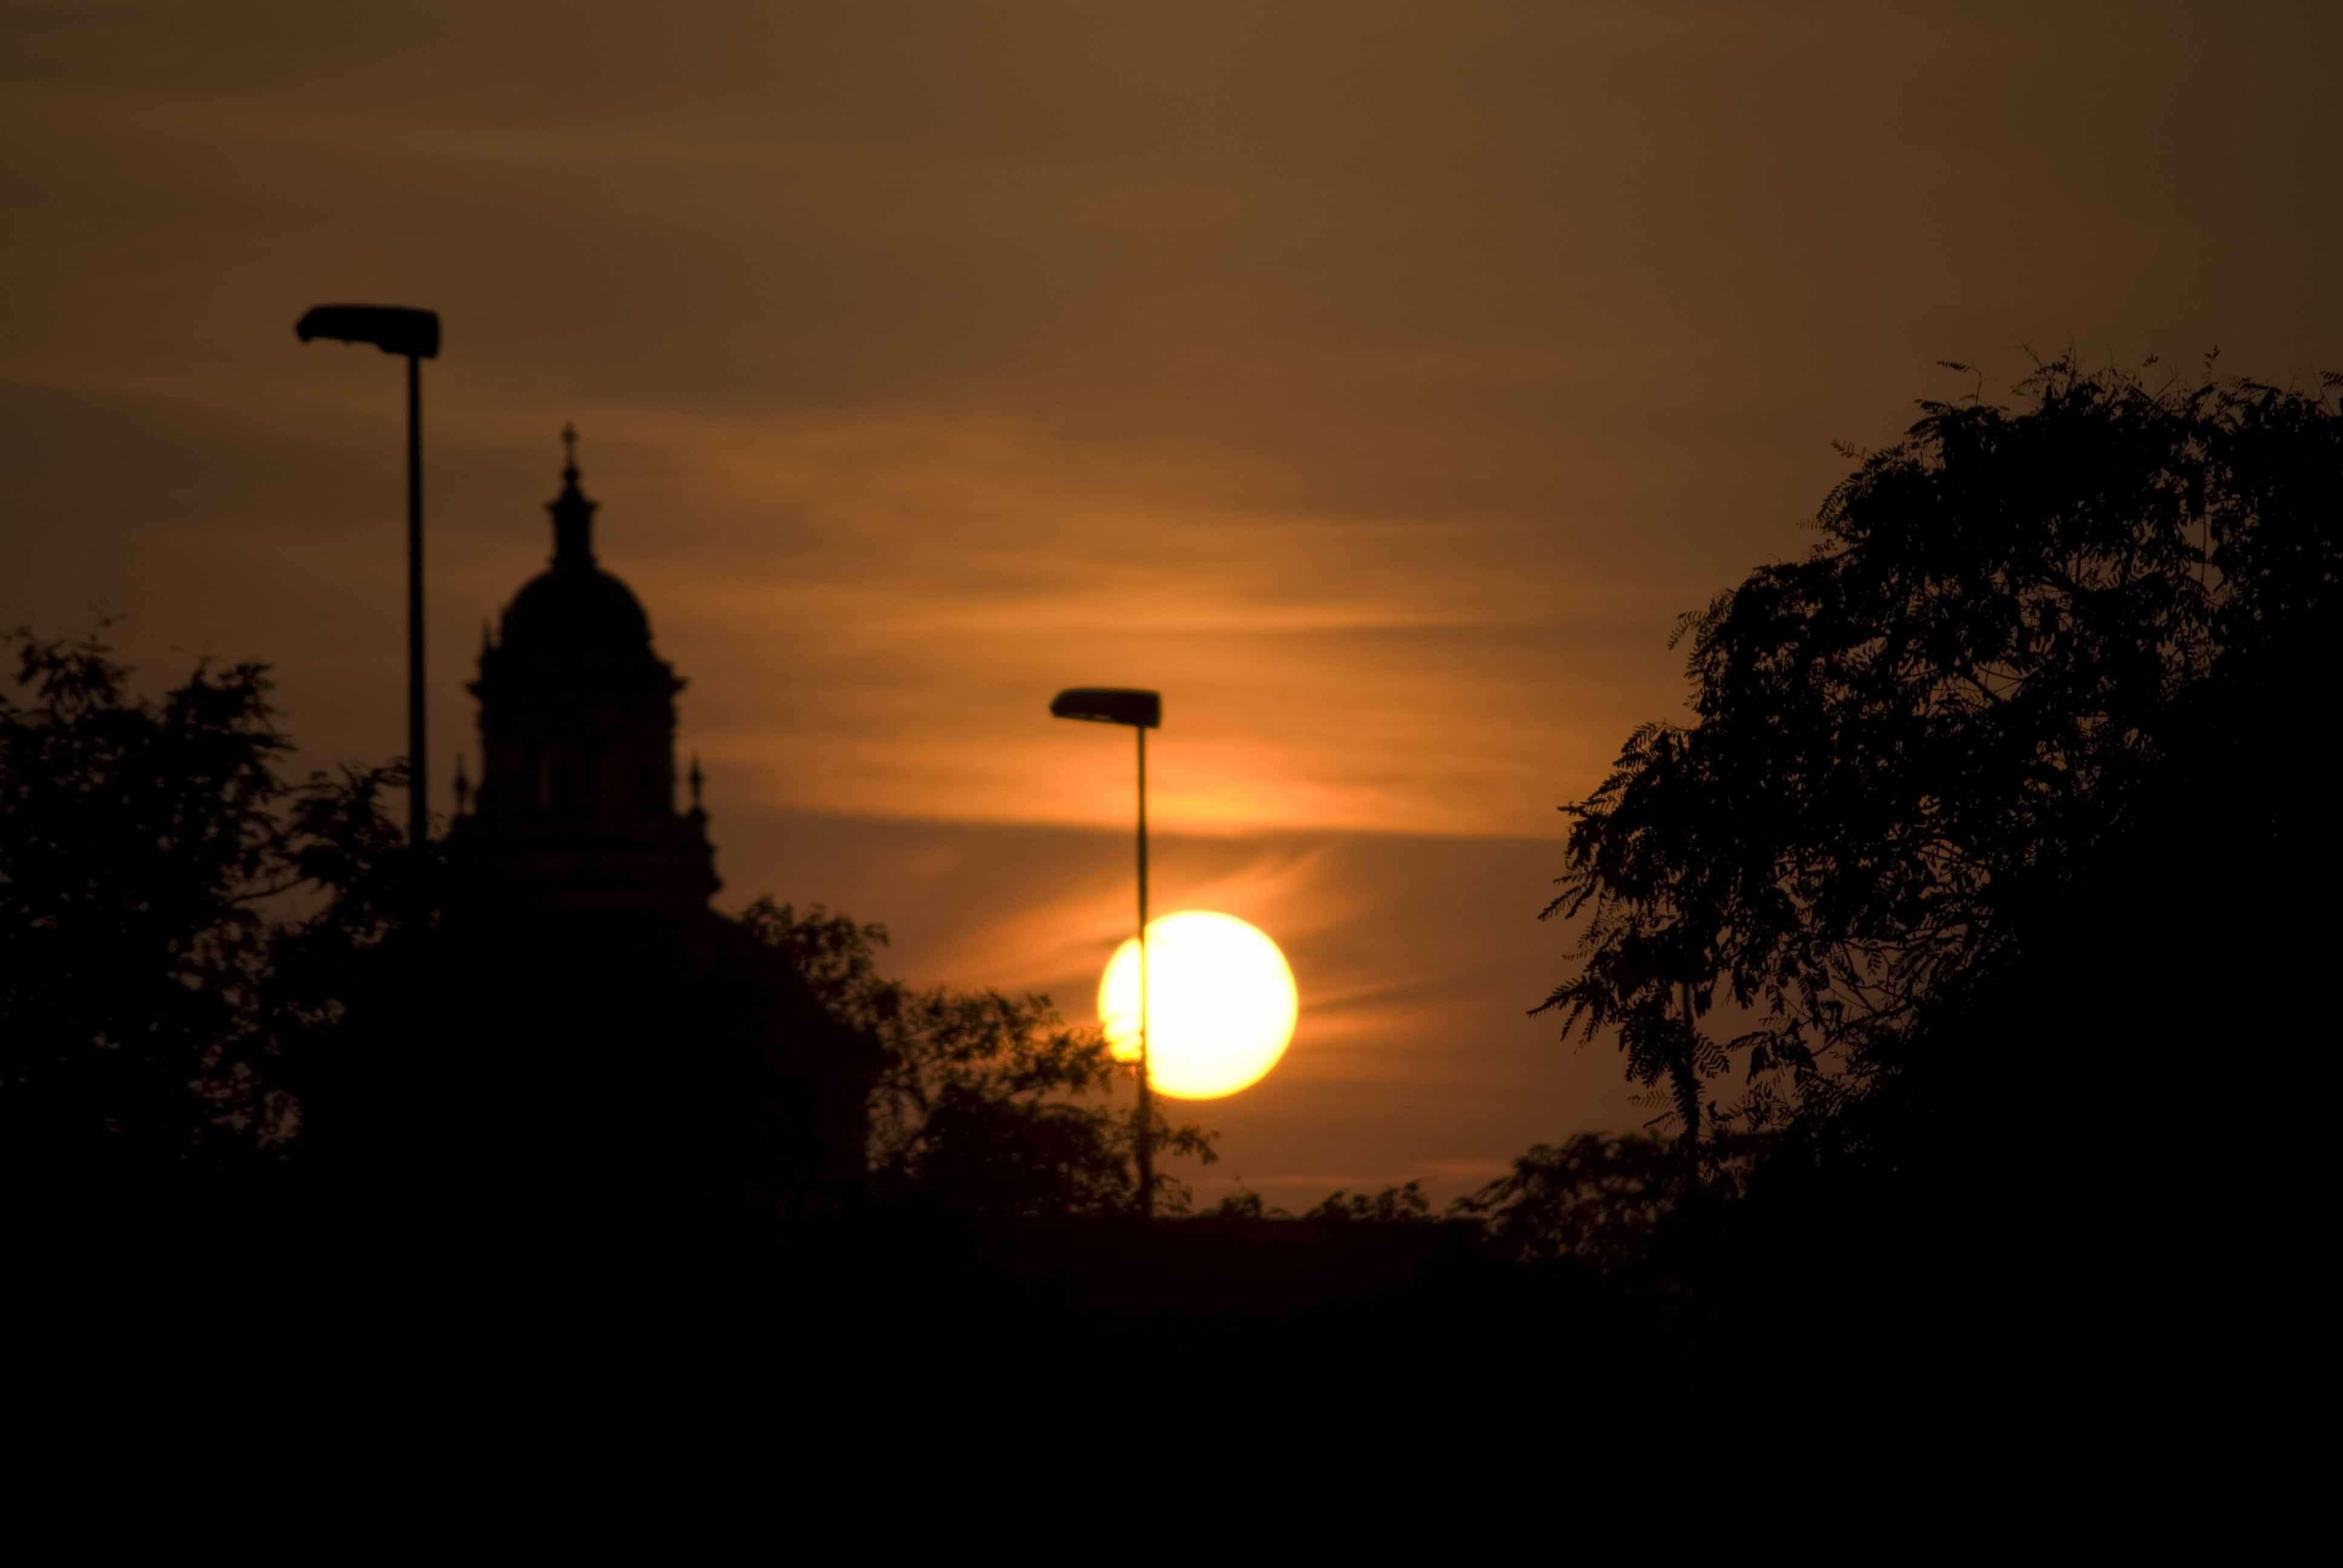 tramonto siviglia